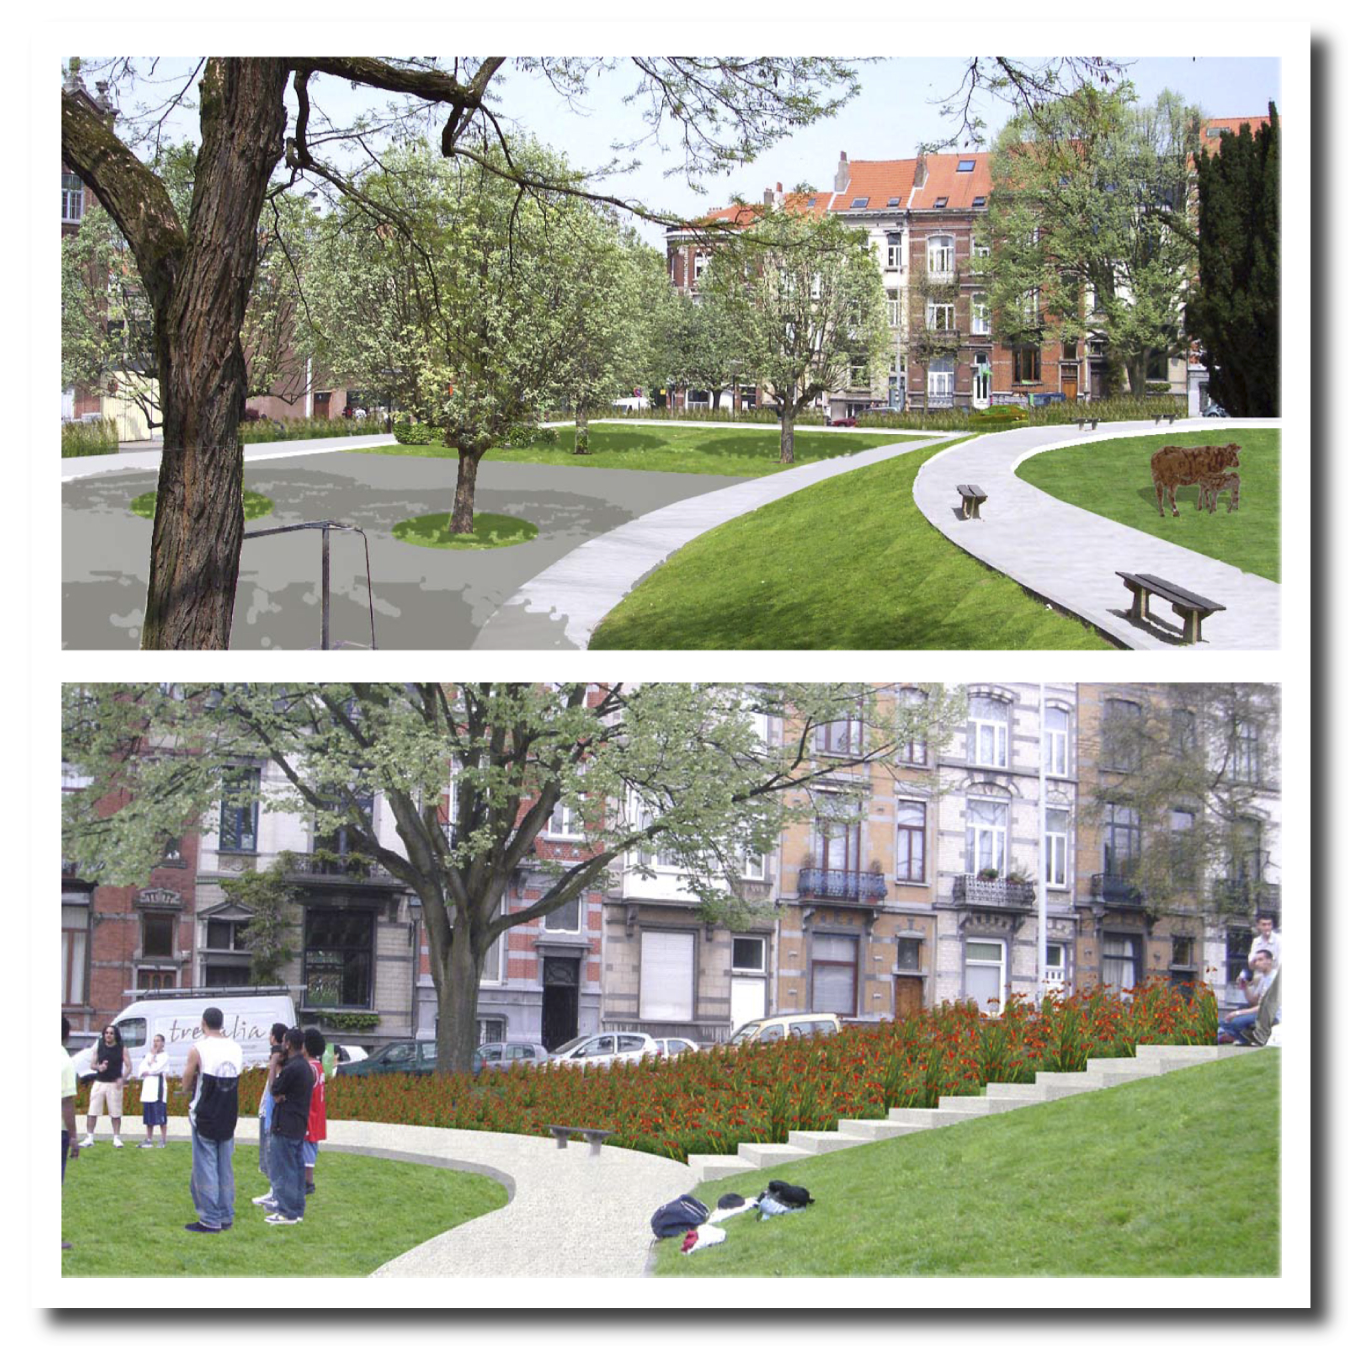 Concevoir et am nager les espaces publics bruxelles for Les espaces publics urbains